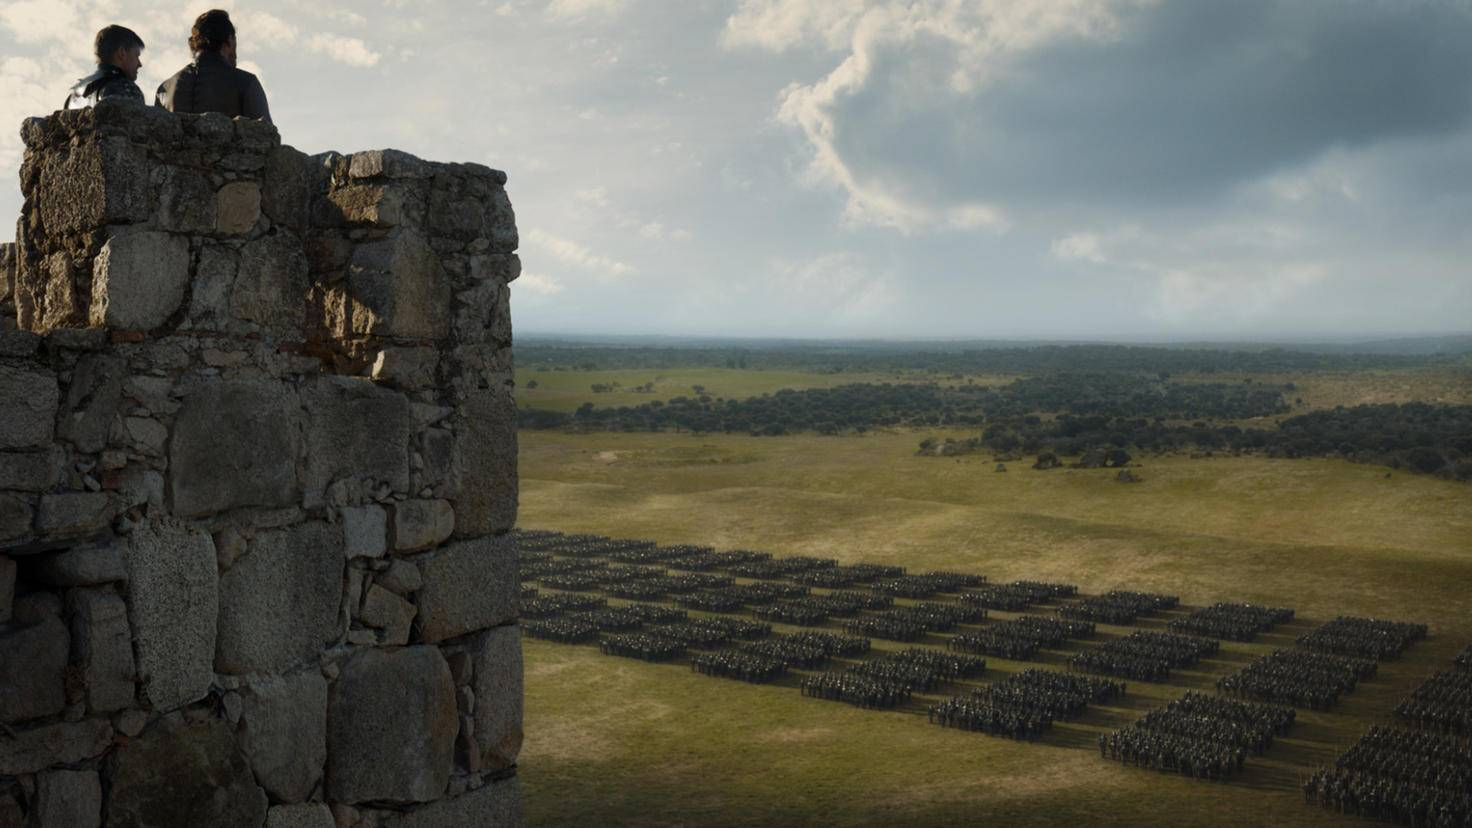 Jaime Lannister und Ser Bronn begutachten hier offensichtlich ein ziemlich großes Armeeaufgebot, doch wo sich ihr steinerner Aussichtsturm befindet, lässt sich nur erahnen.